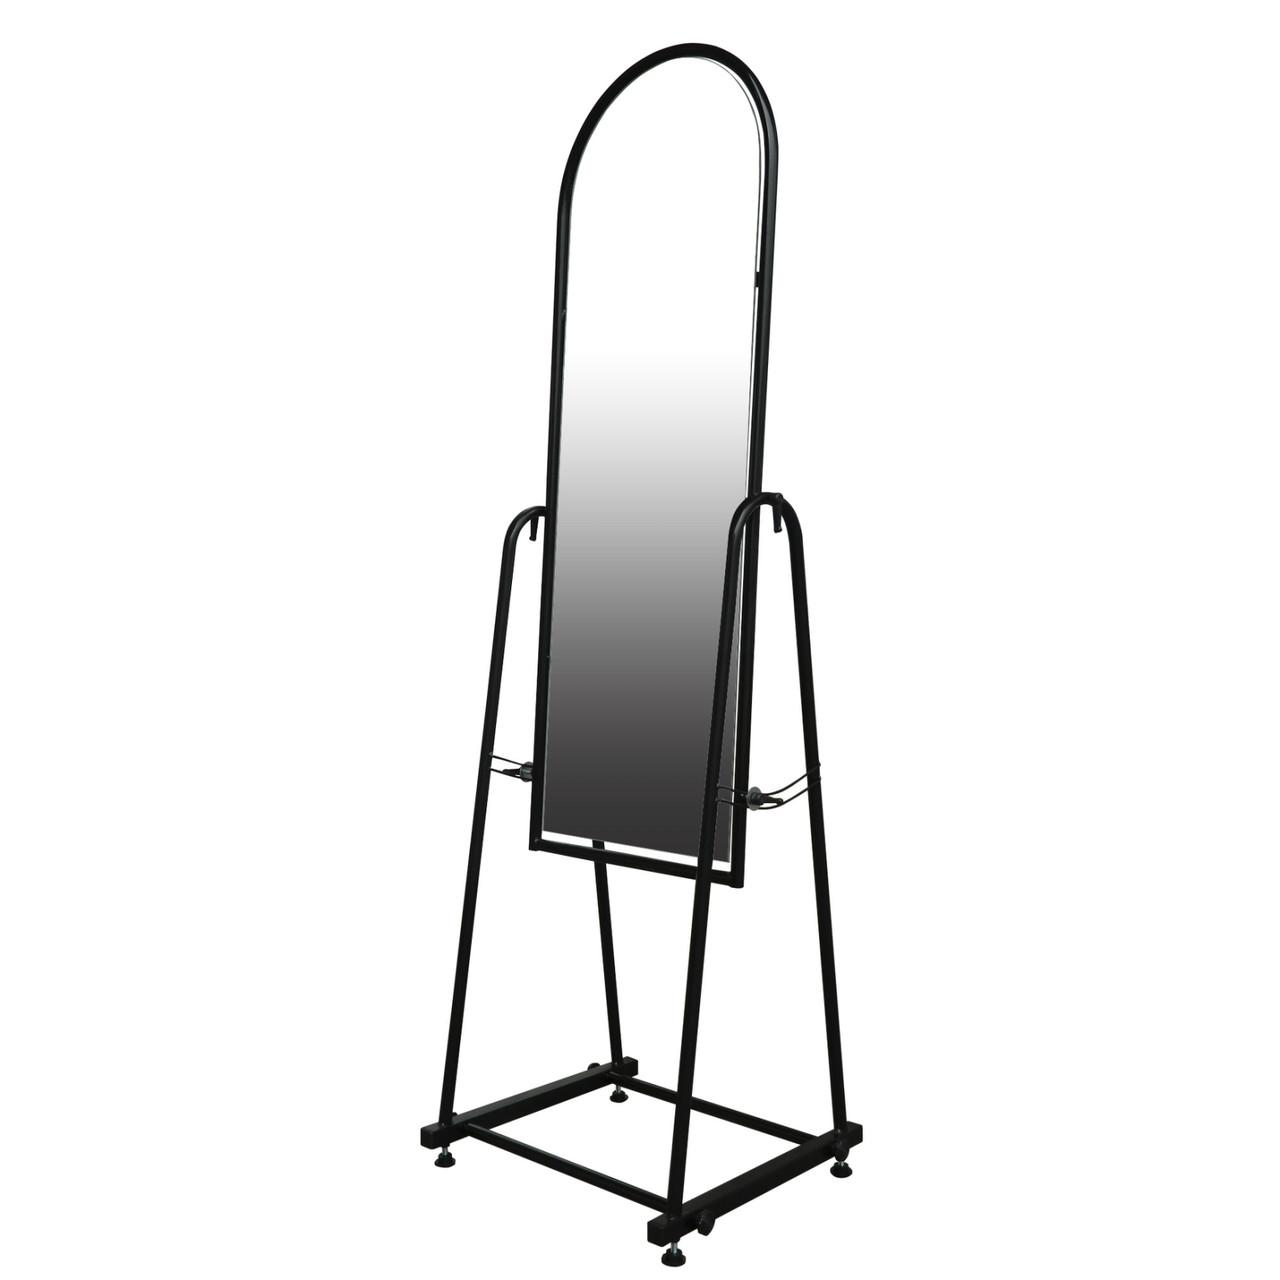 Торговое напольное зеркало для одежды чёрного цвета